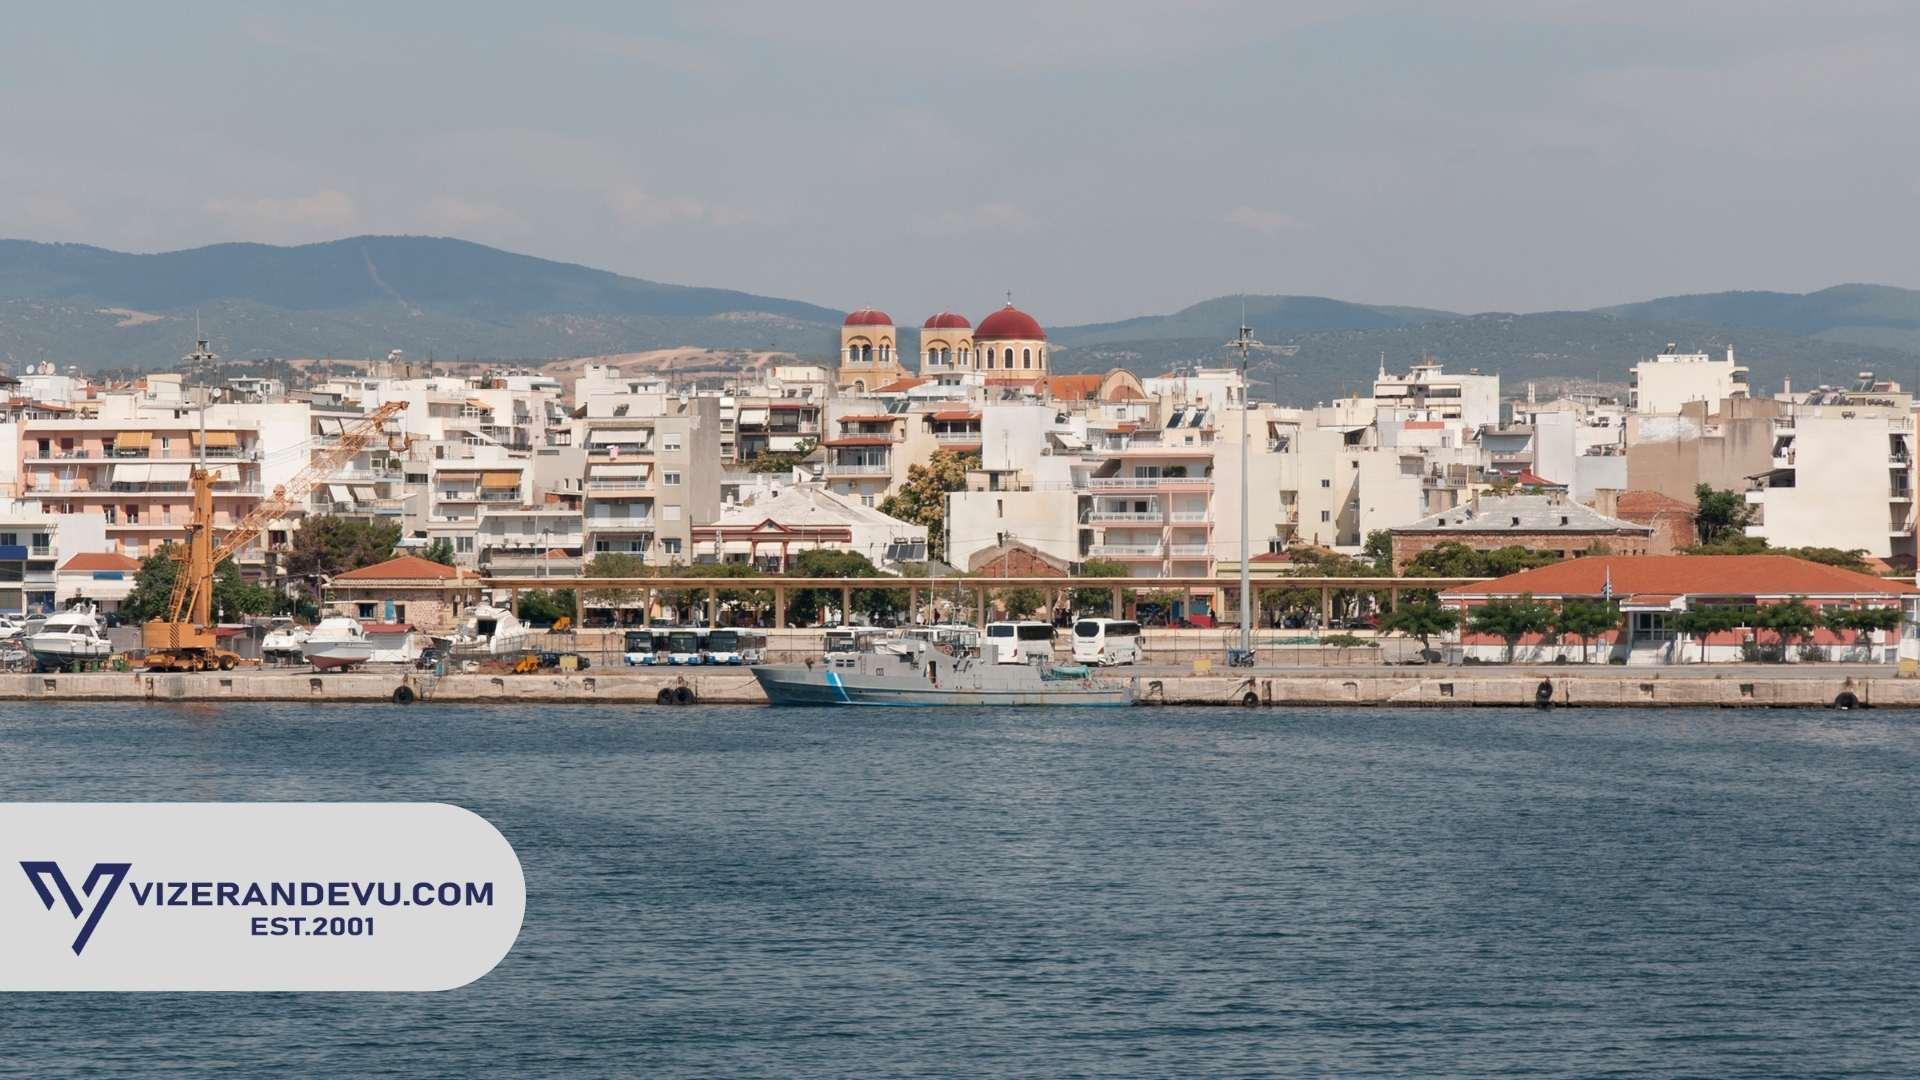 Yunanistan Sağlık Sigortası Yaptırmak Zorunlu Mu